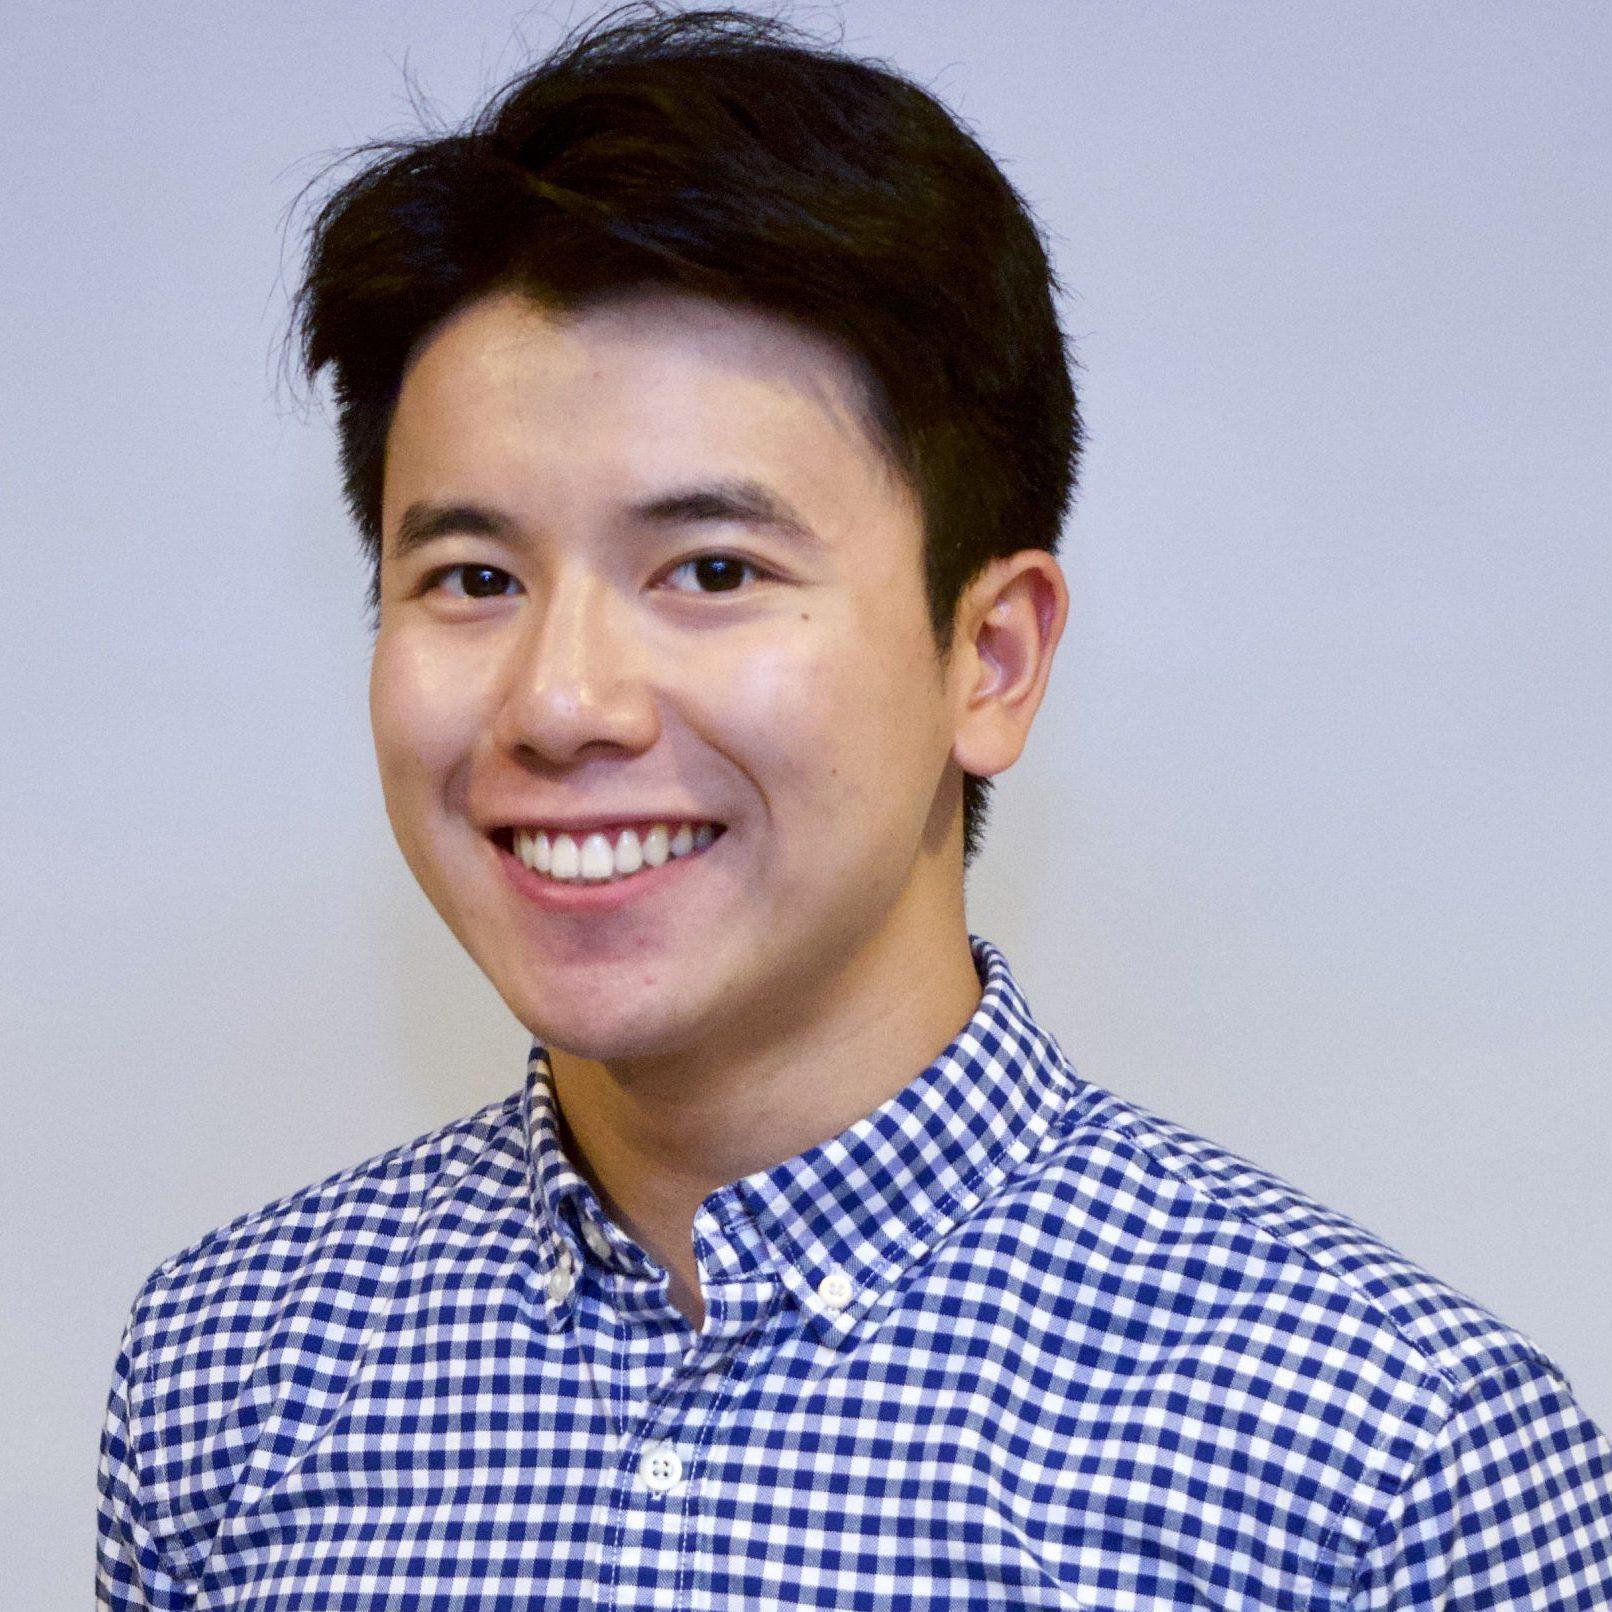 Joshua Jiang